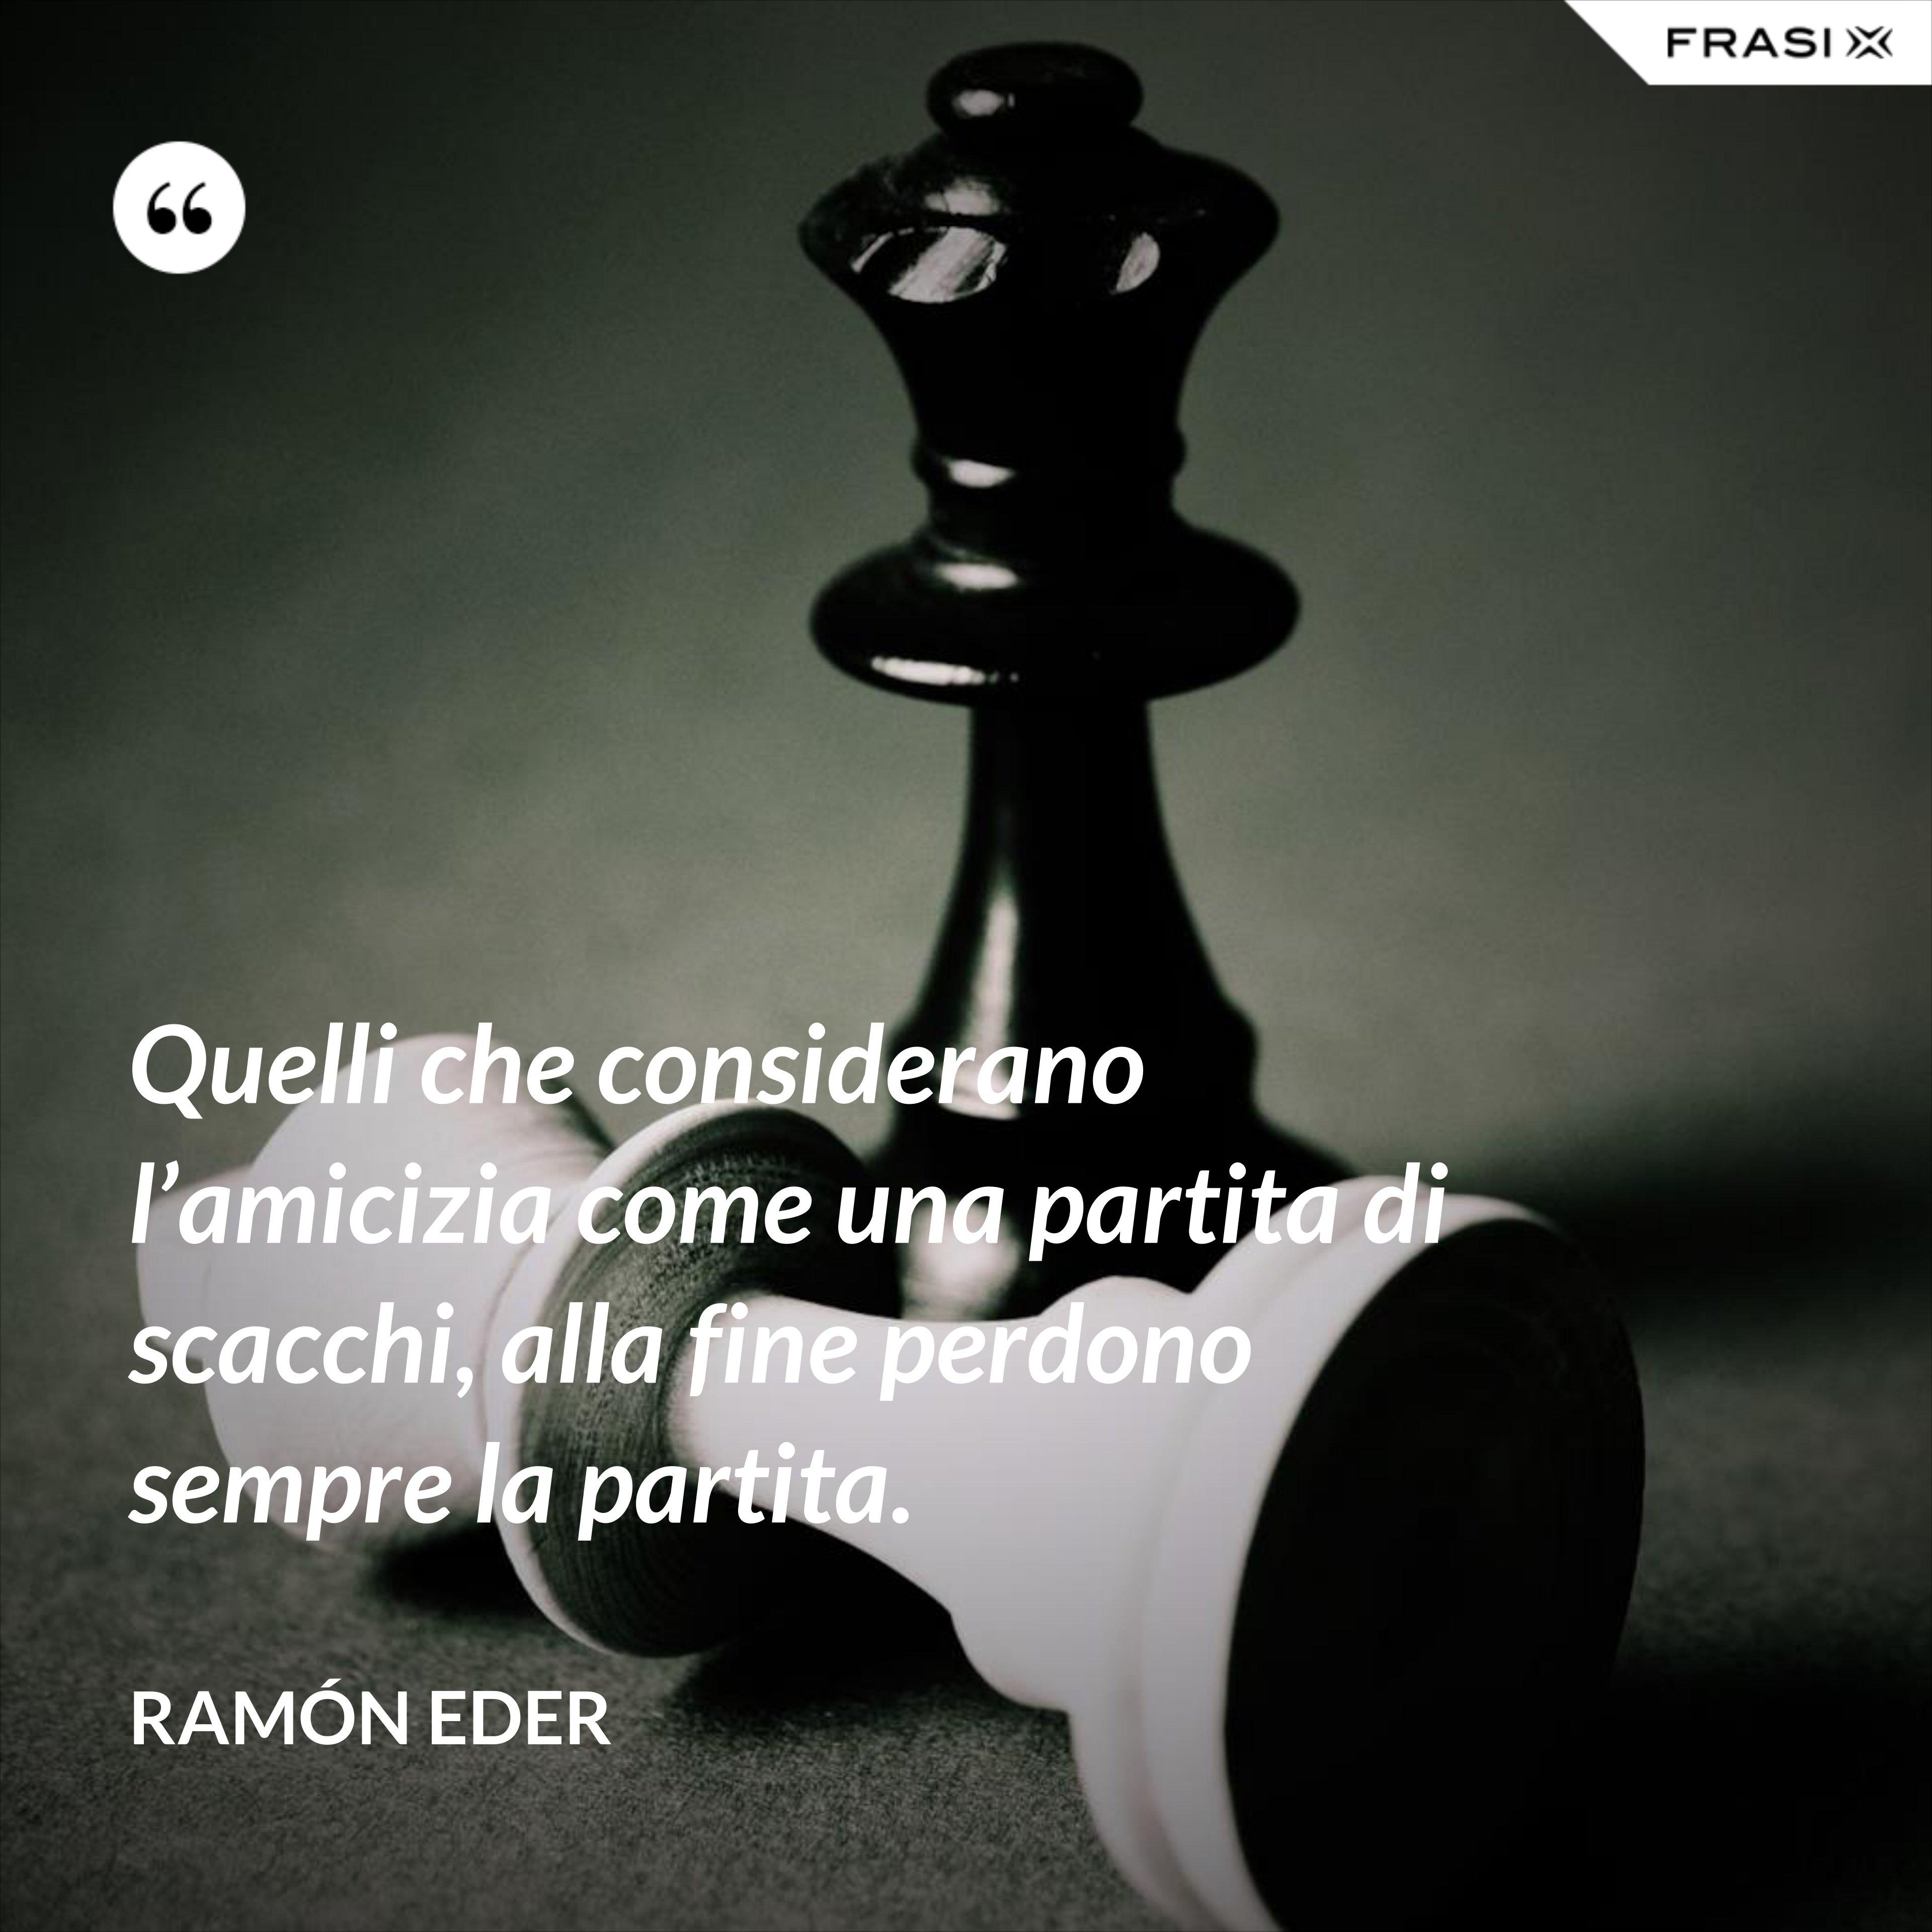 Quelli che considerano l'amicizia come una partita di scacchi, alla fine perdono sempre la partita. - Ramón Eder